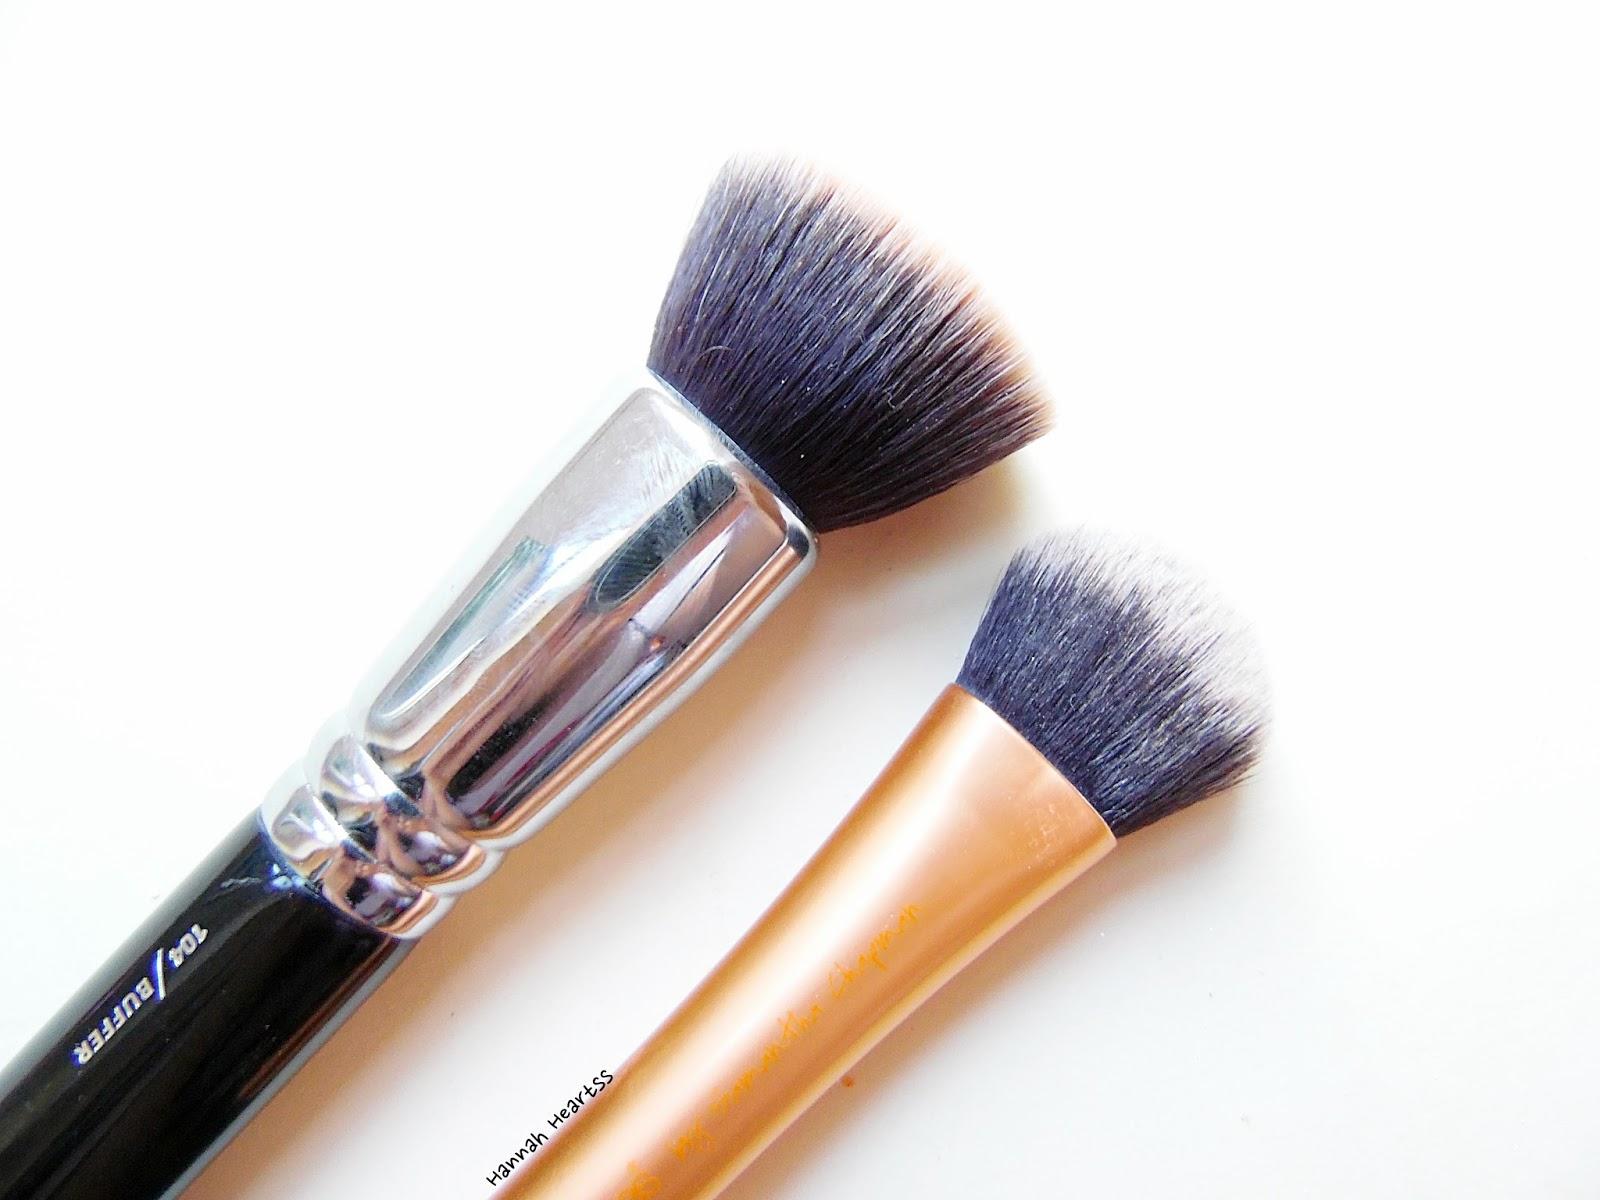 Favourite Foundation Brushes